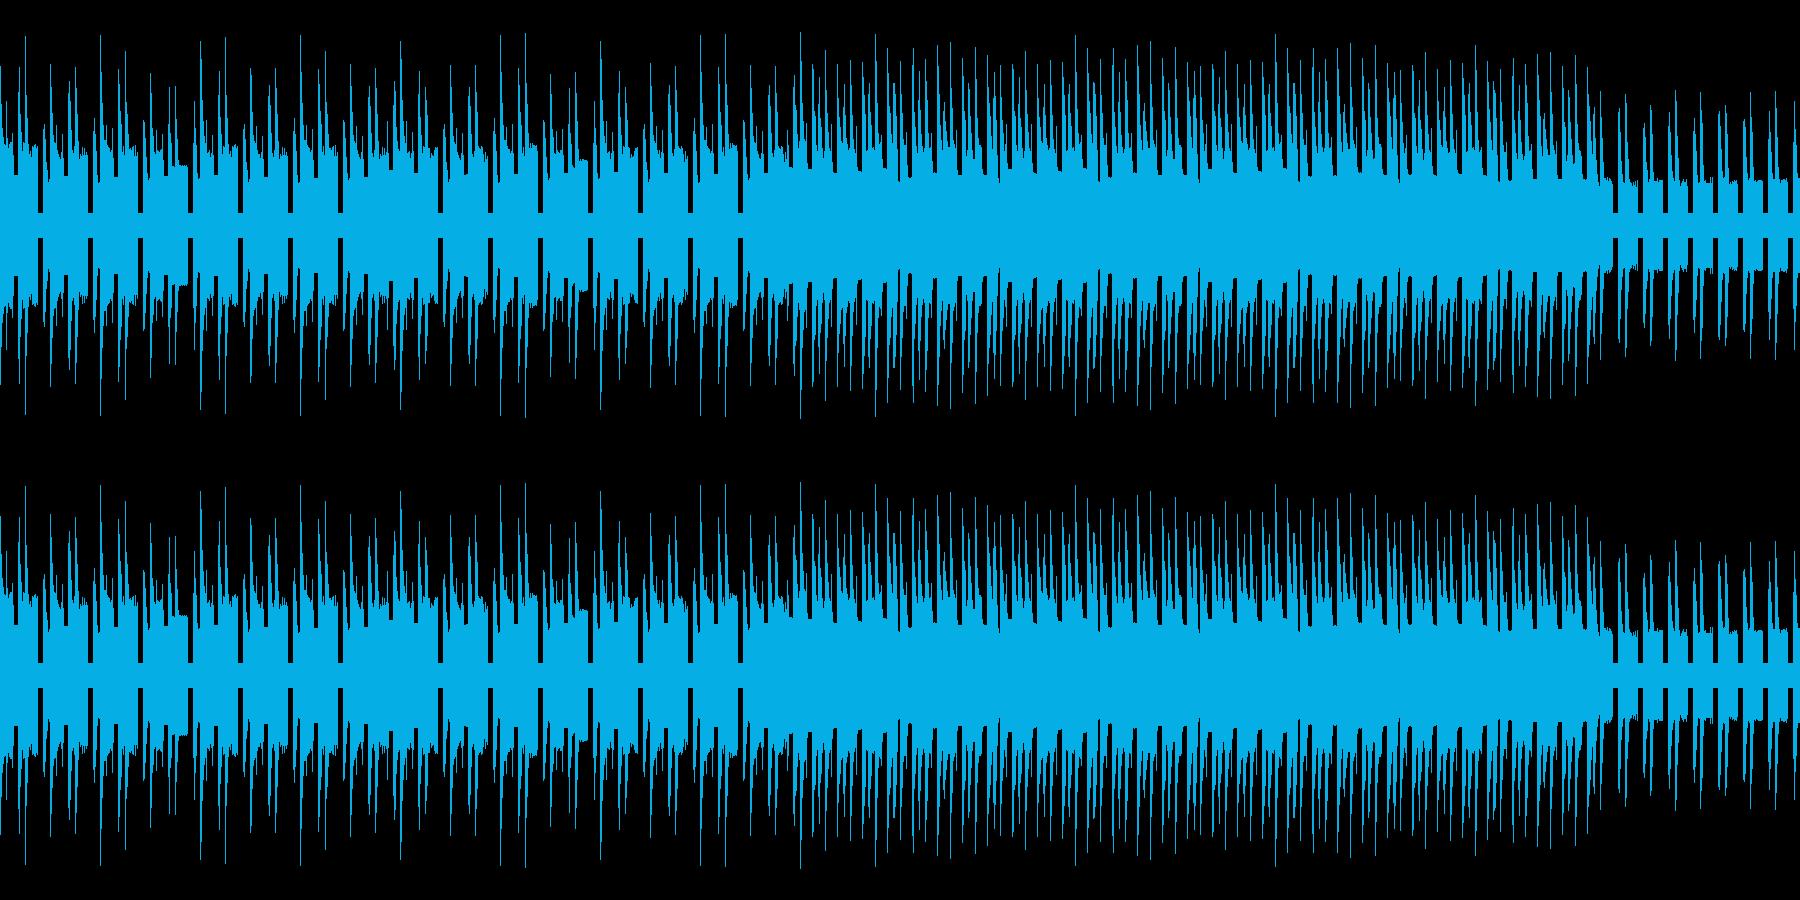 気だるい雰囲気のレトロゲーム風バラードの再生済みの波形